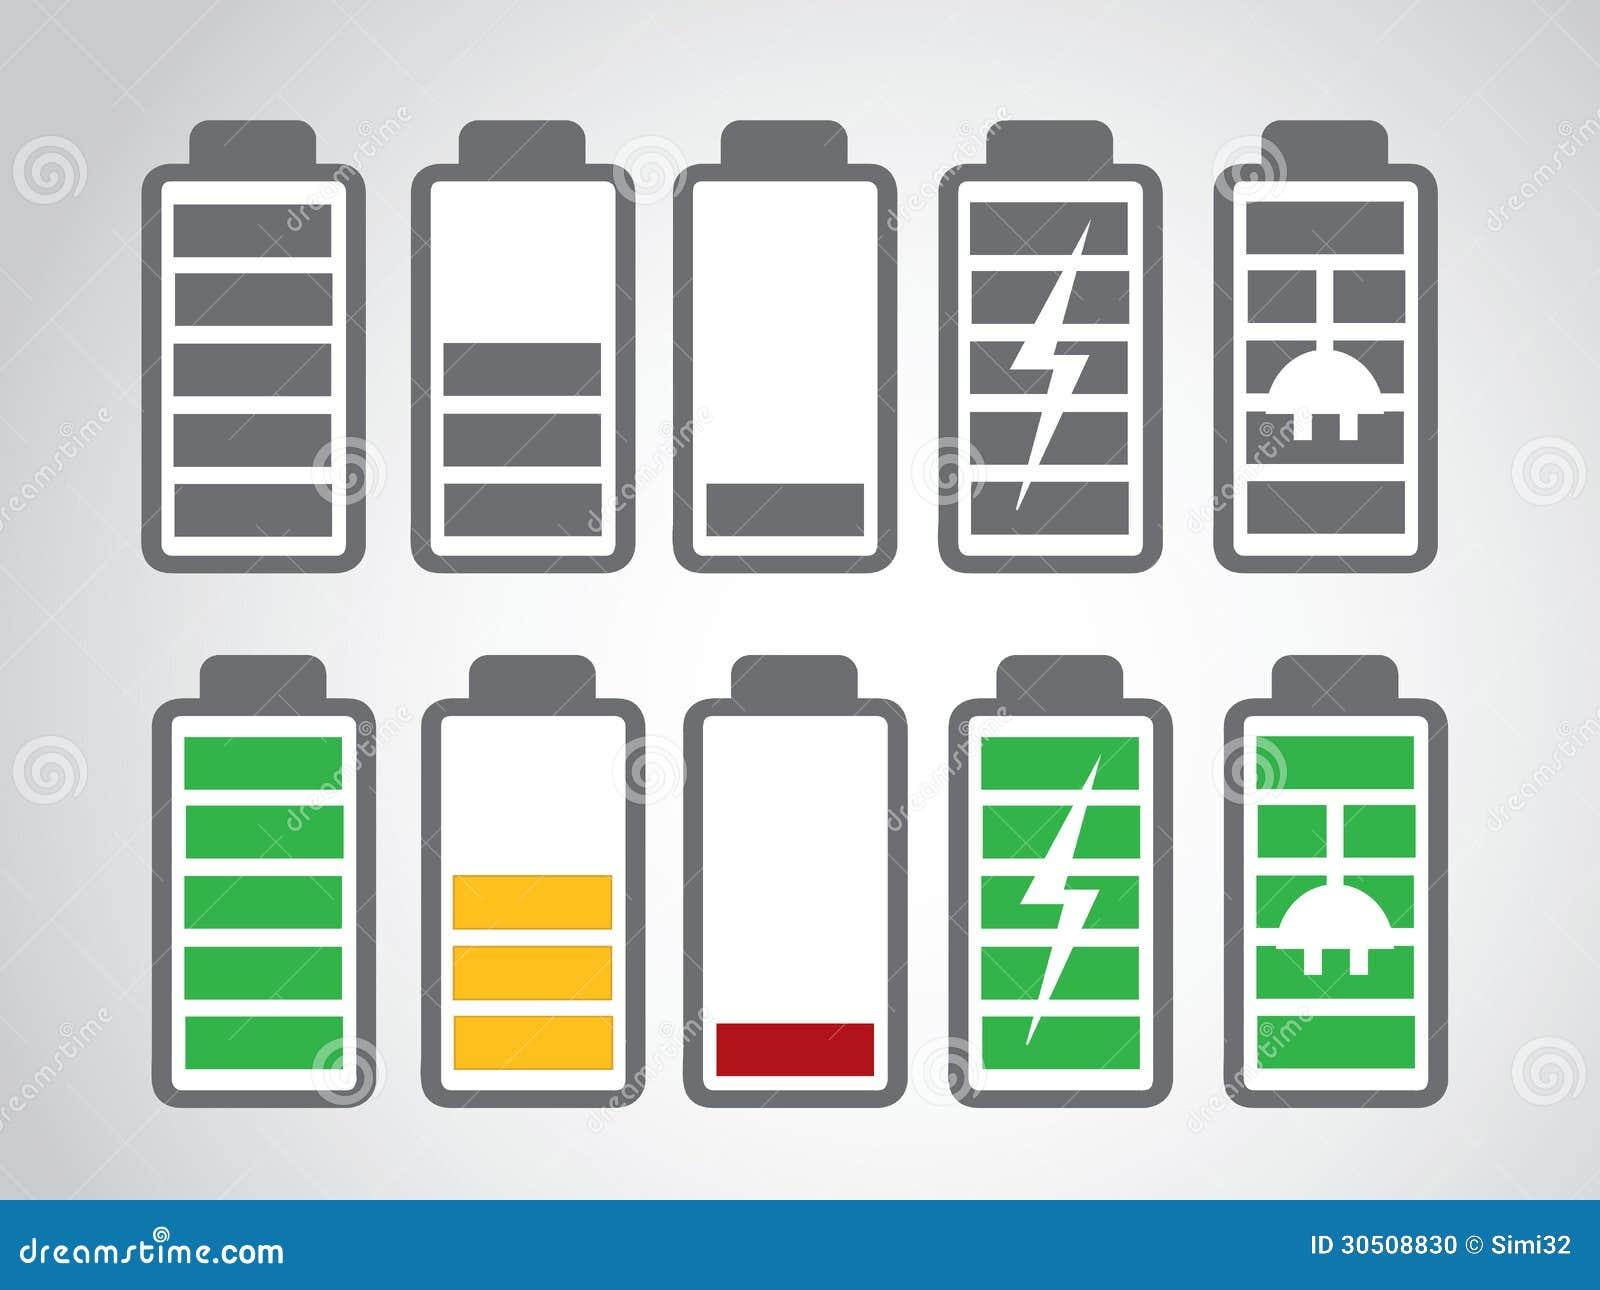 Windows 8 1 Set Battery Charge Level : Battery icon charge level stock photo image